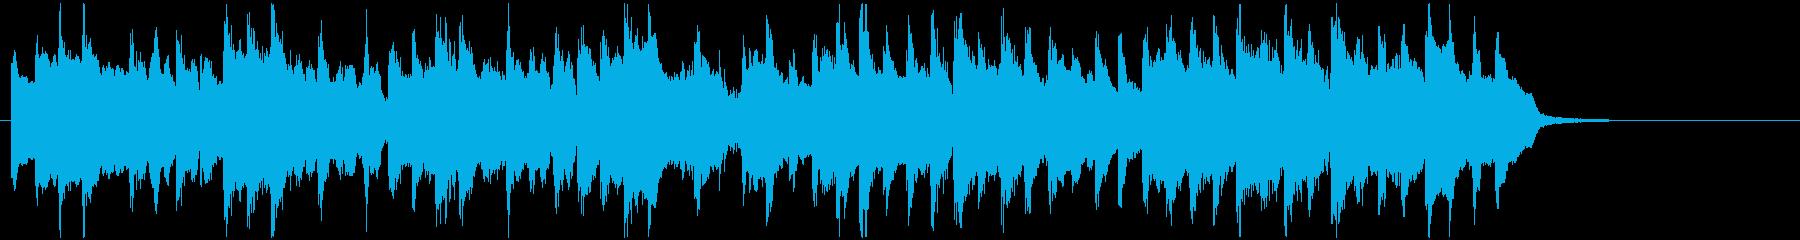 ほのぼのとした日常をイメージしたBGMの再生済みの波形